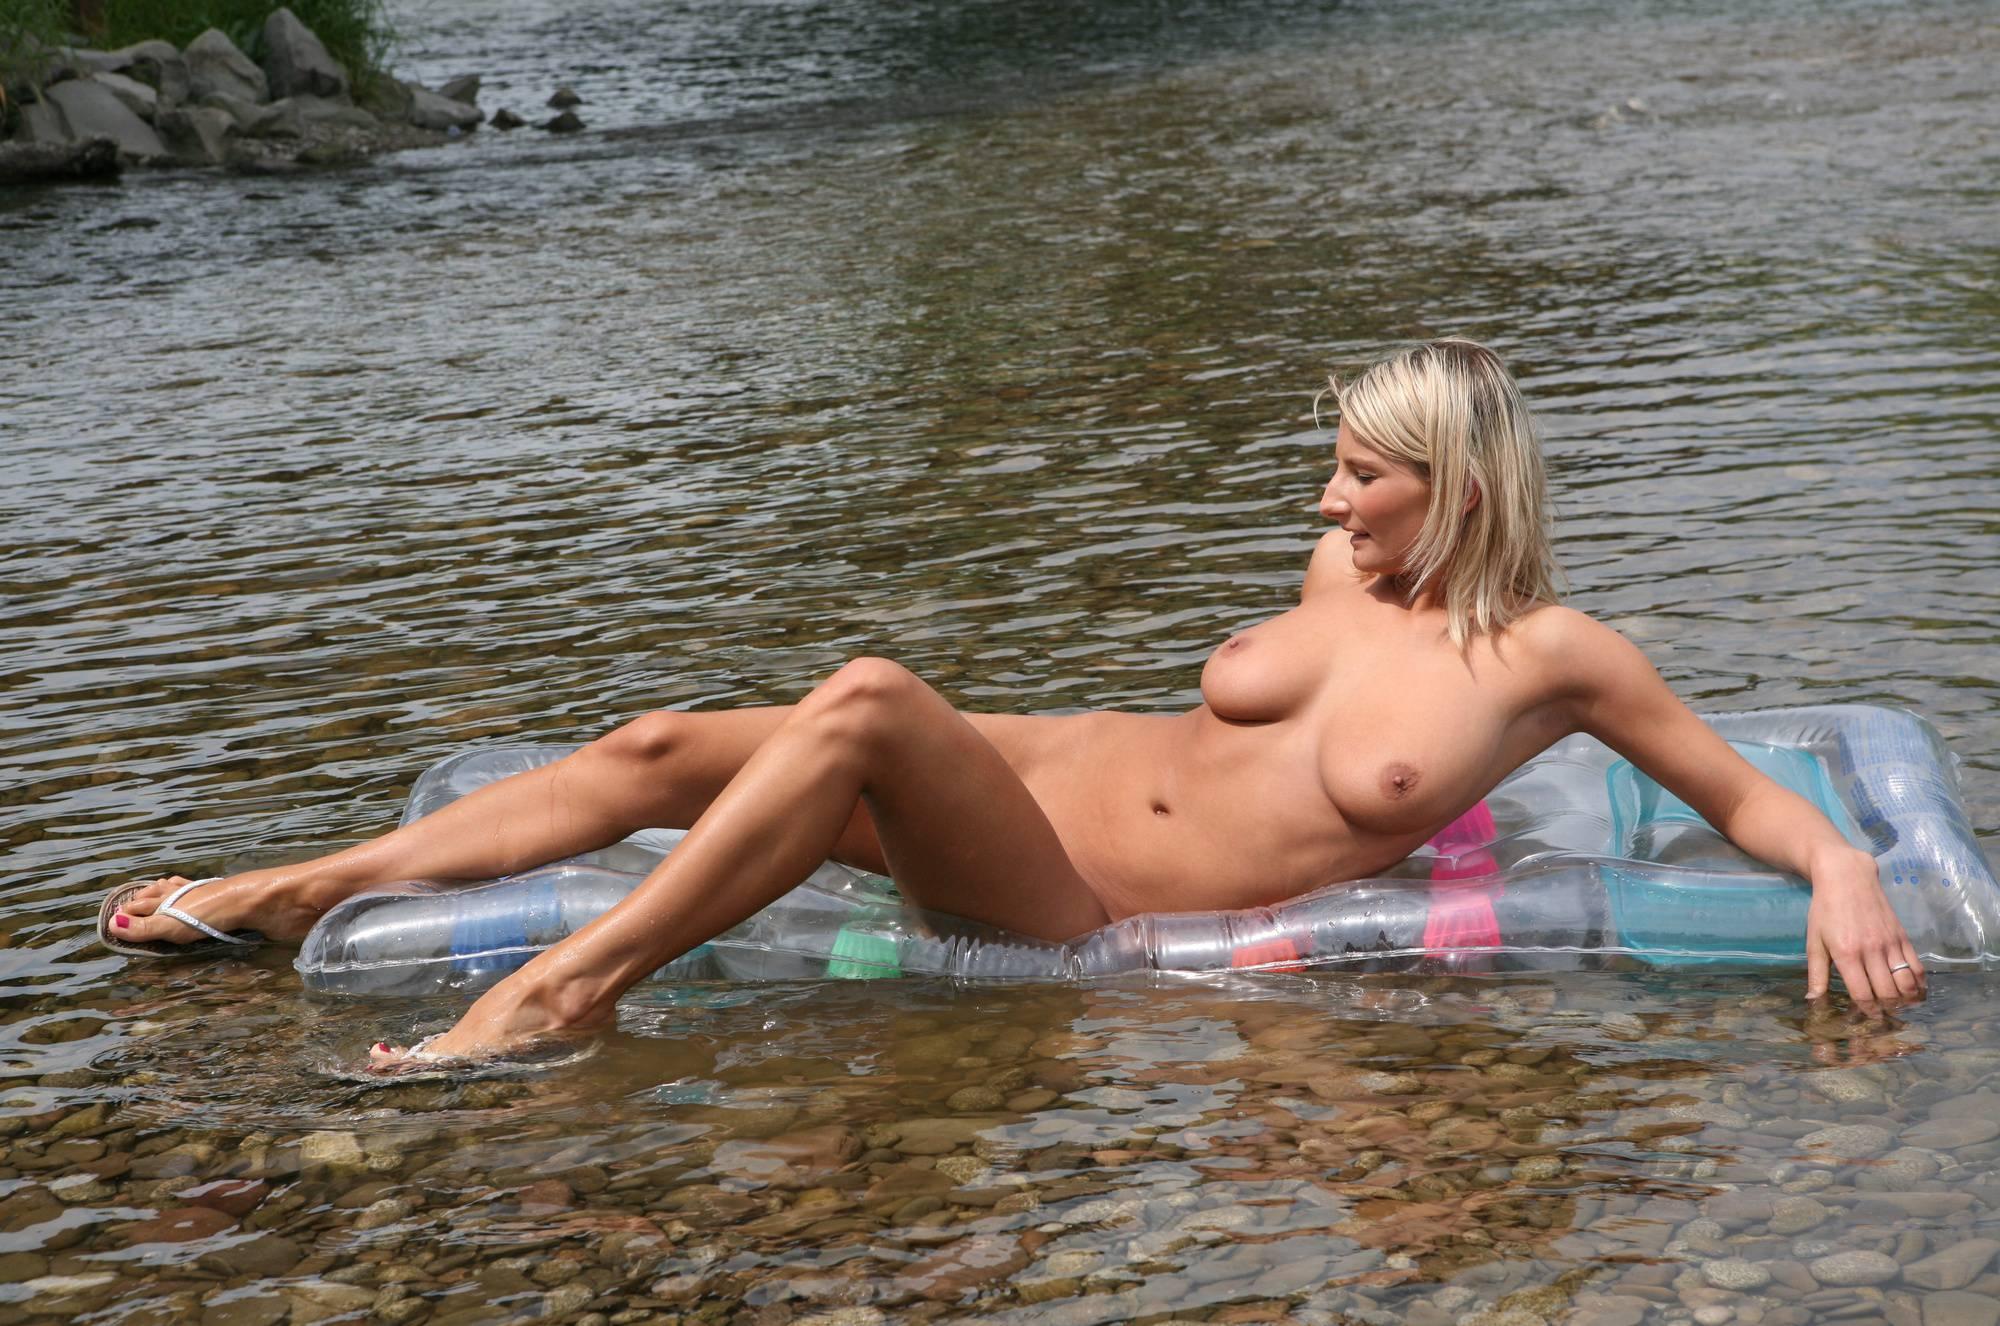 Park Floating On River - 1